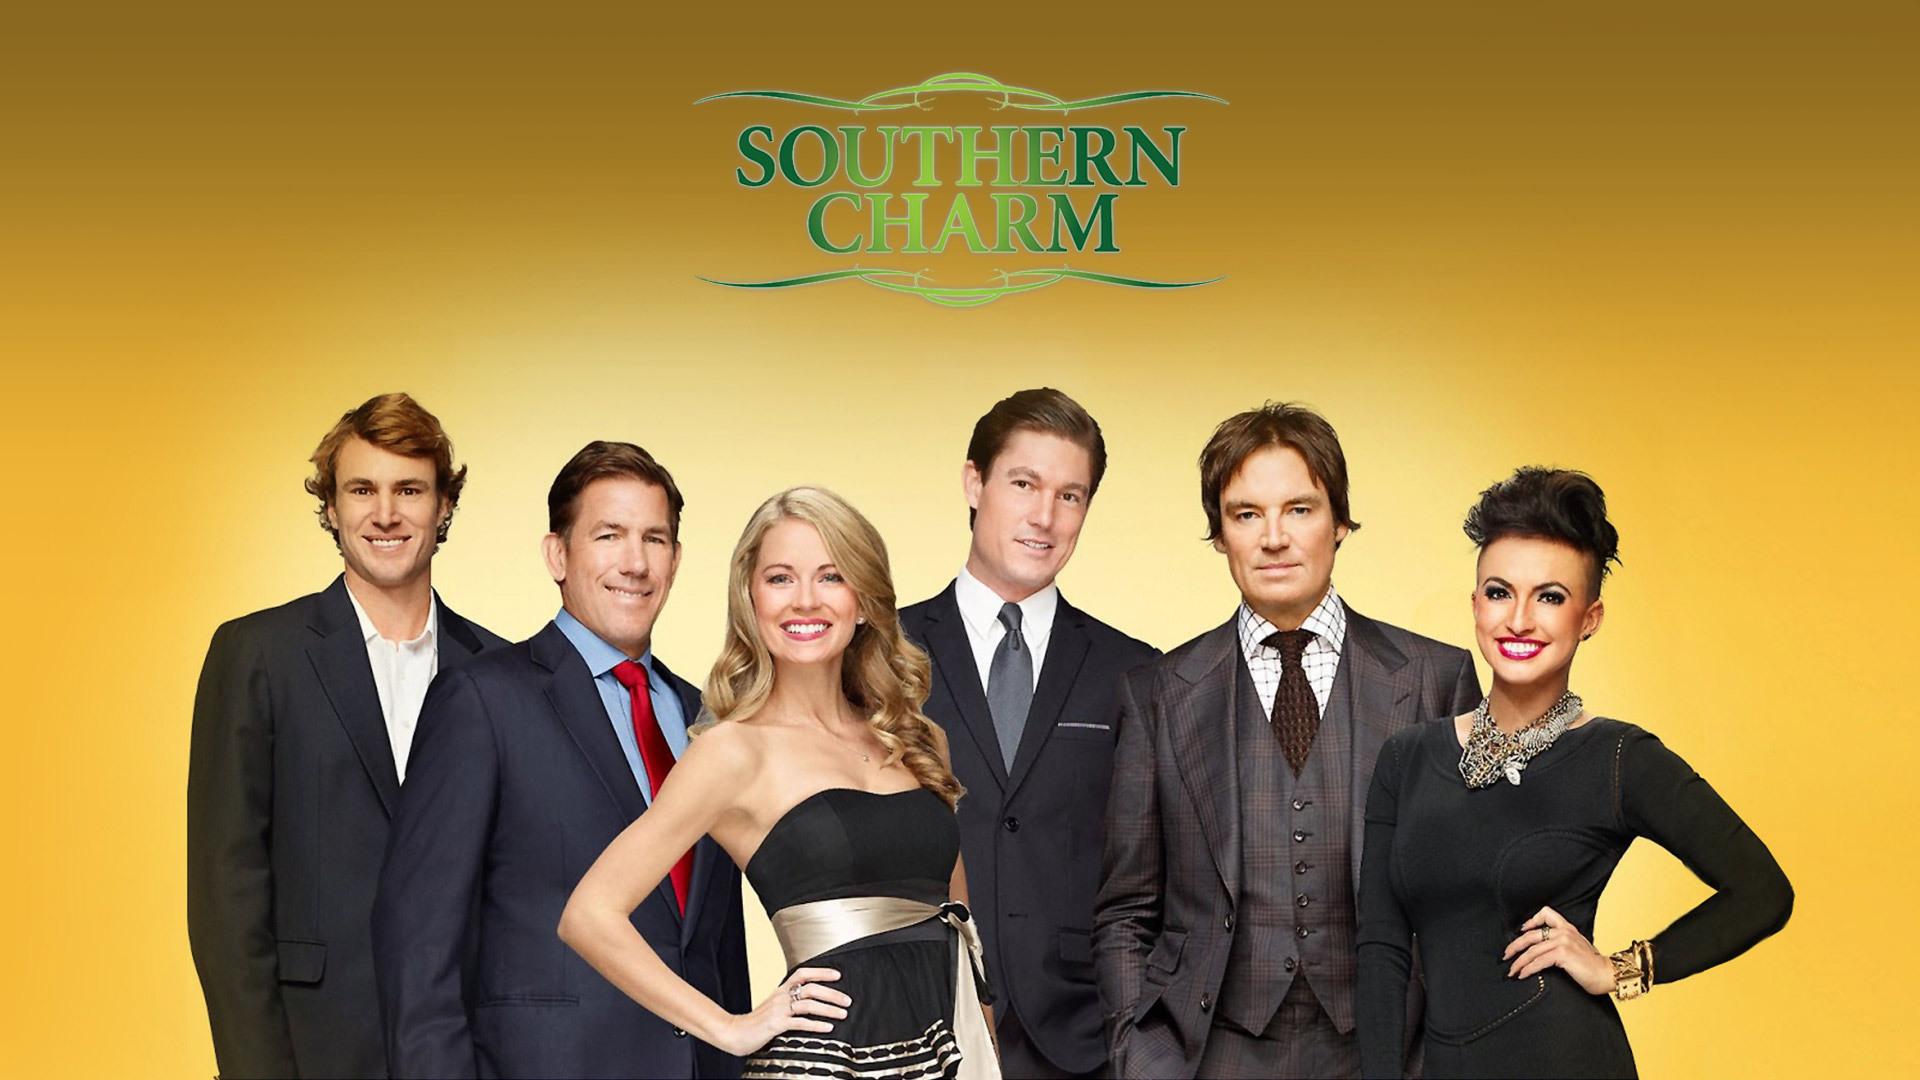 Southern Charm Season 1